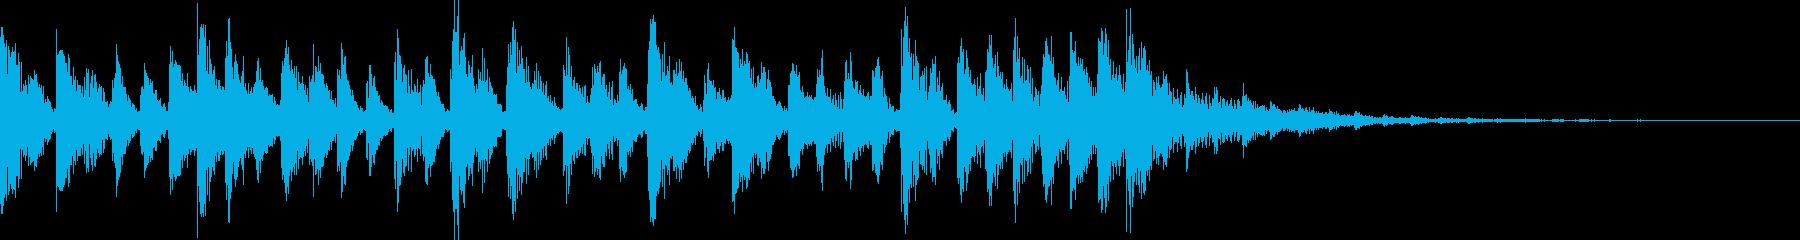 (ジングル)爽やか系ポップ調の再生済みの波形